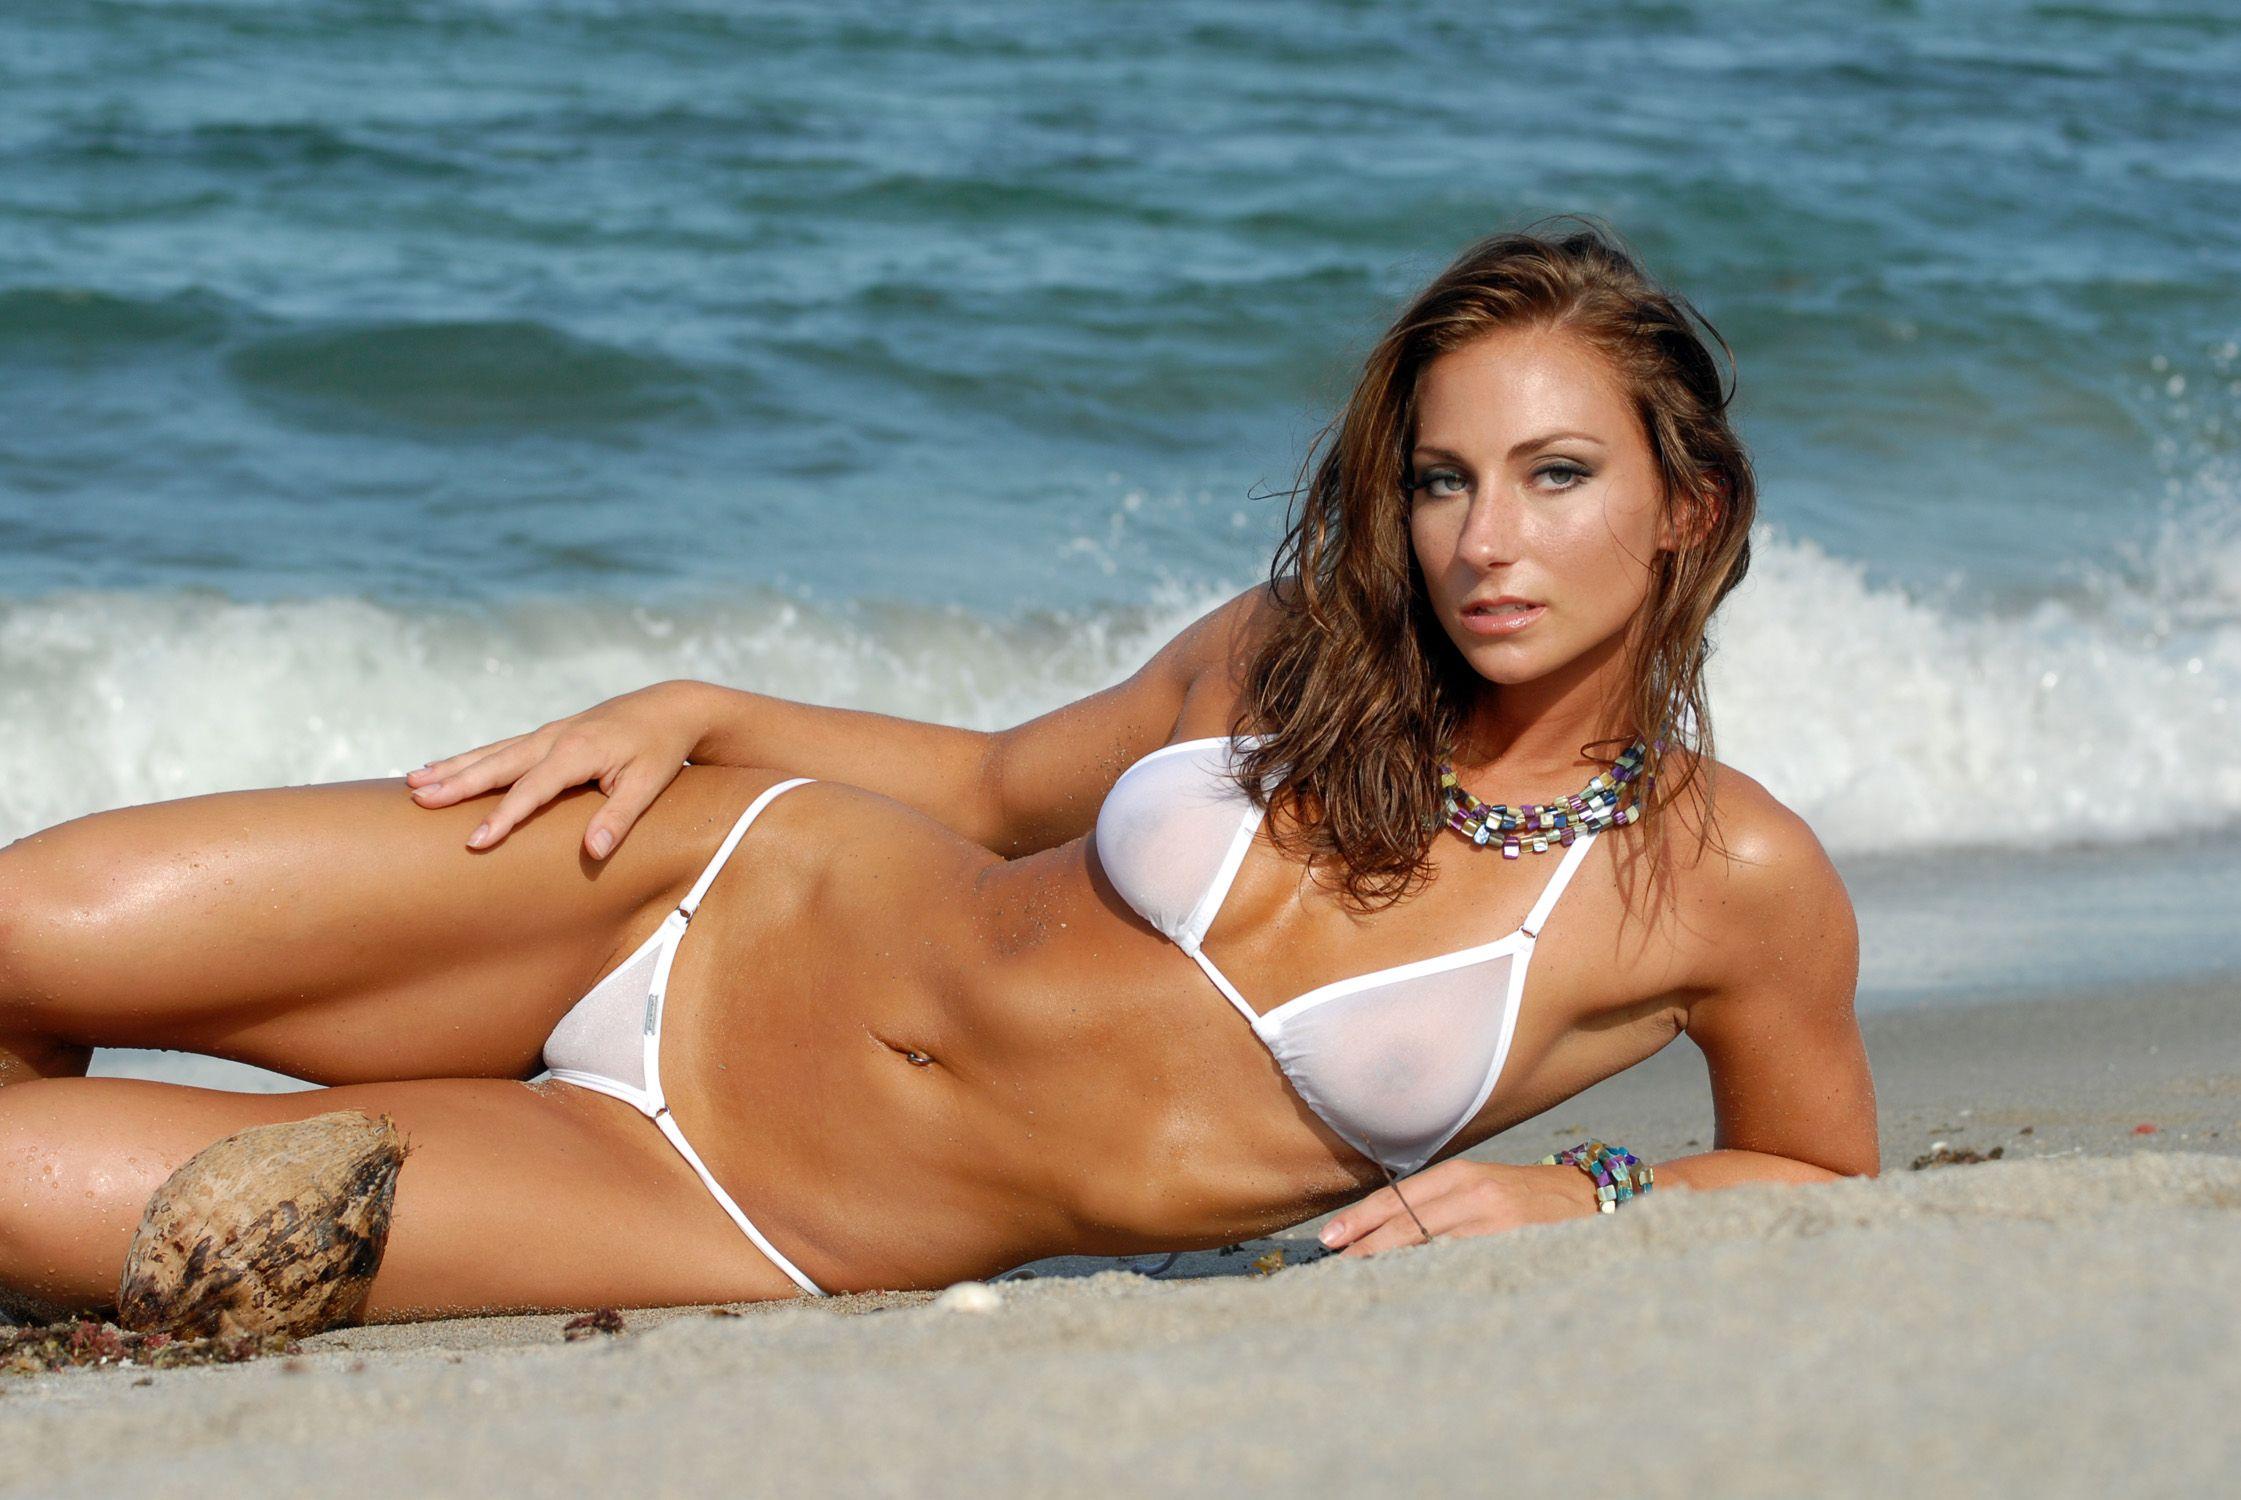 мини бикини на пляже женщины видео горячие ненасытные